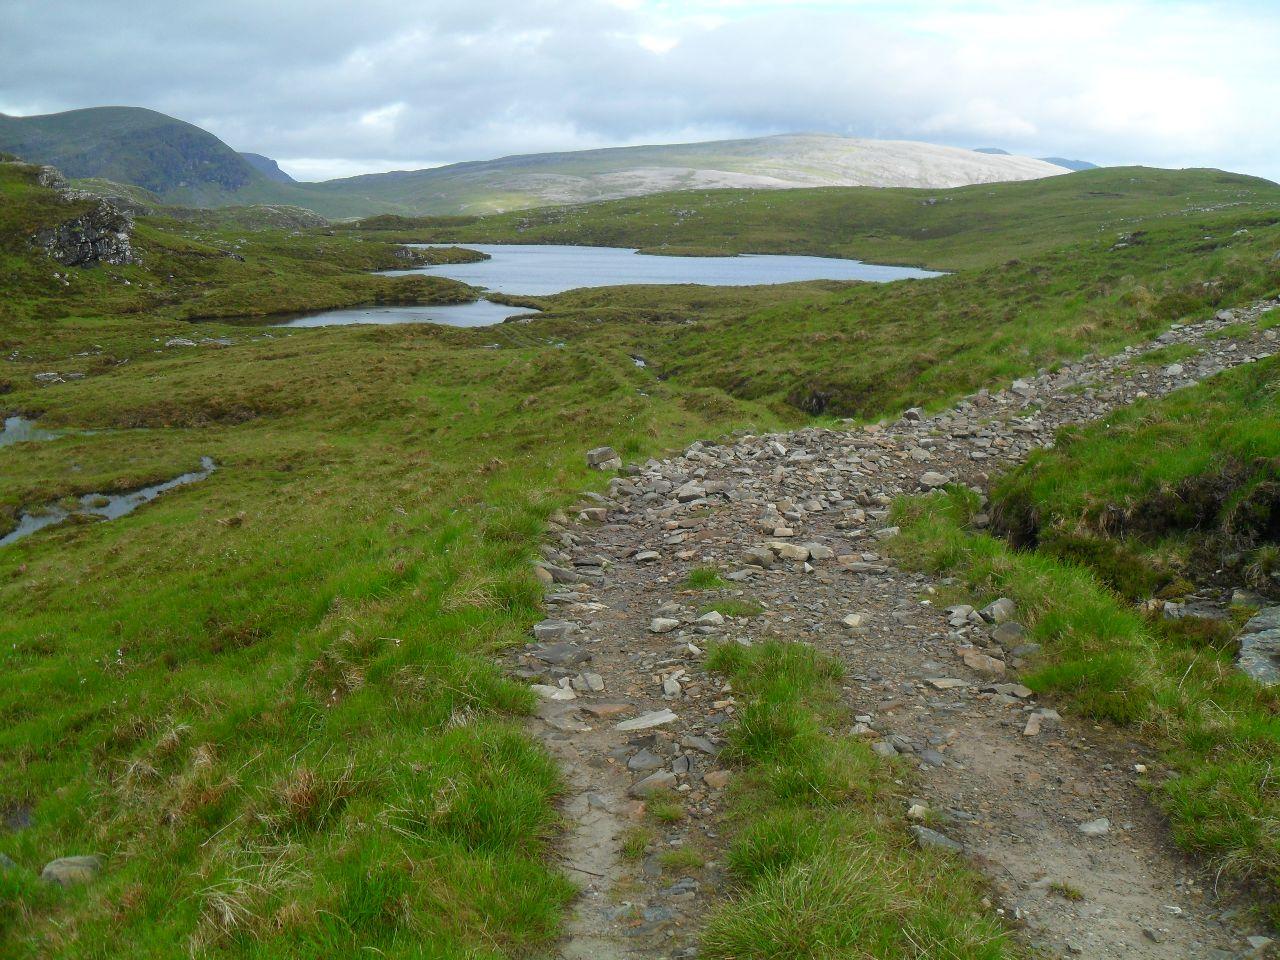 An dieser Stelle ist schon so mancher HTR-Fahrer falsch abgebogen, denn hier geht es nicht rechts weiter, sondern geradeaus, auf den berüchtigten <em>Lochan Sgeireach</em> Trail